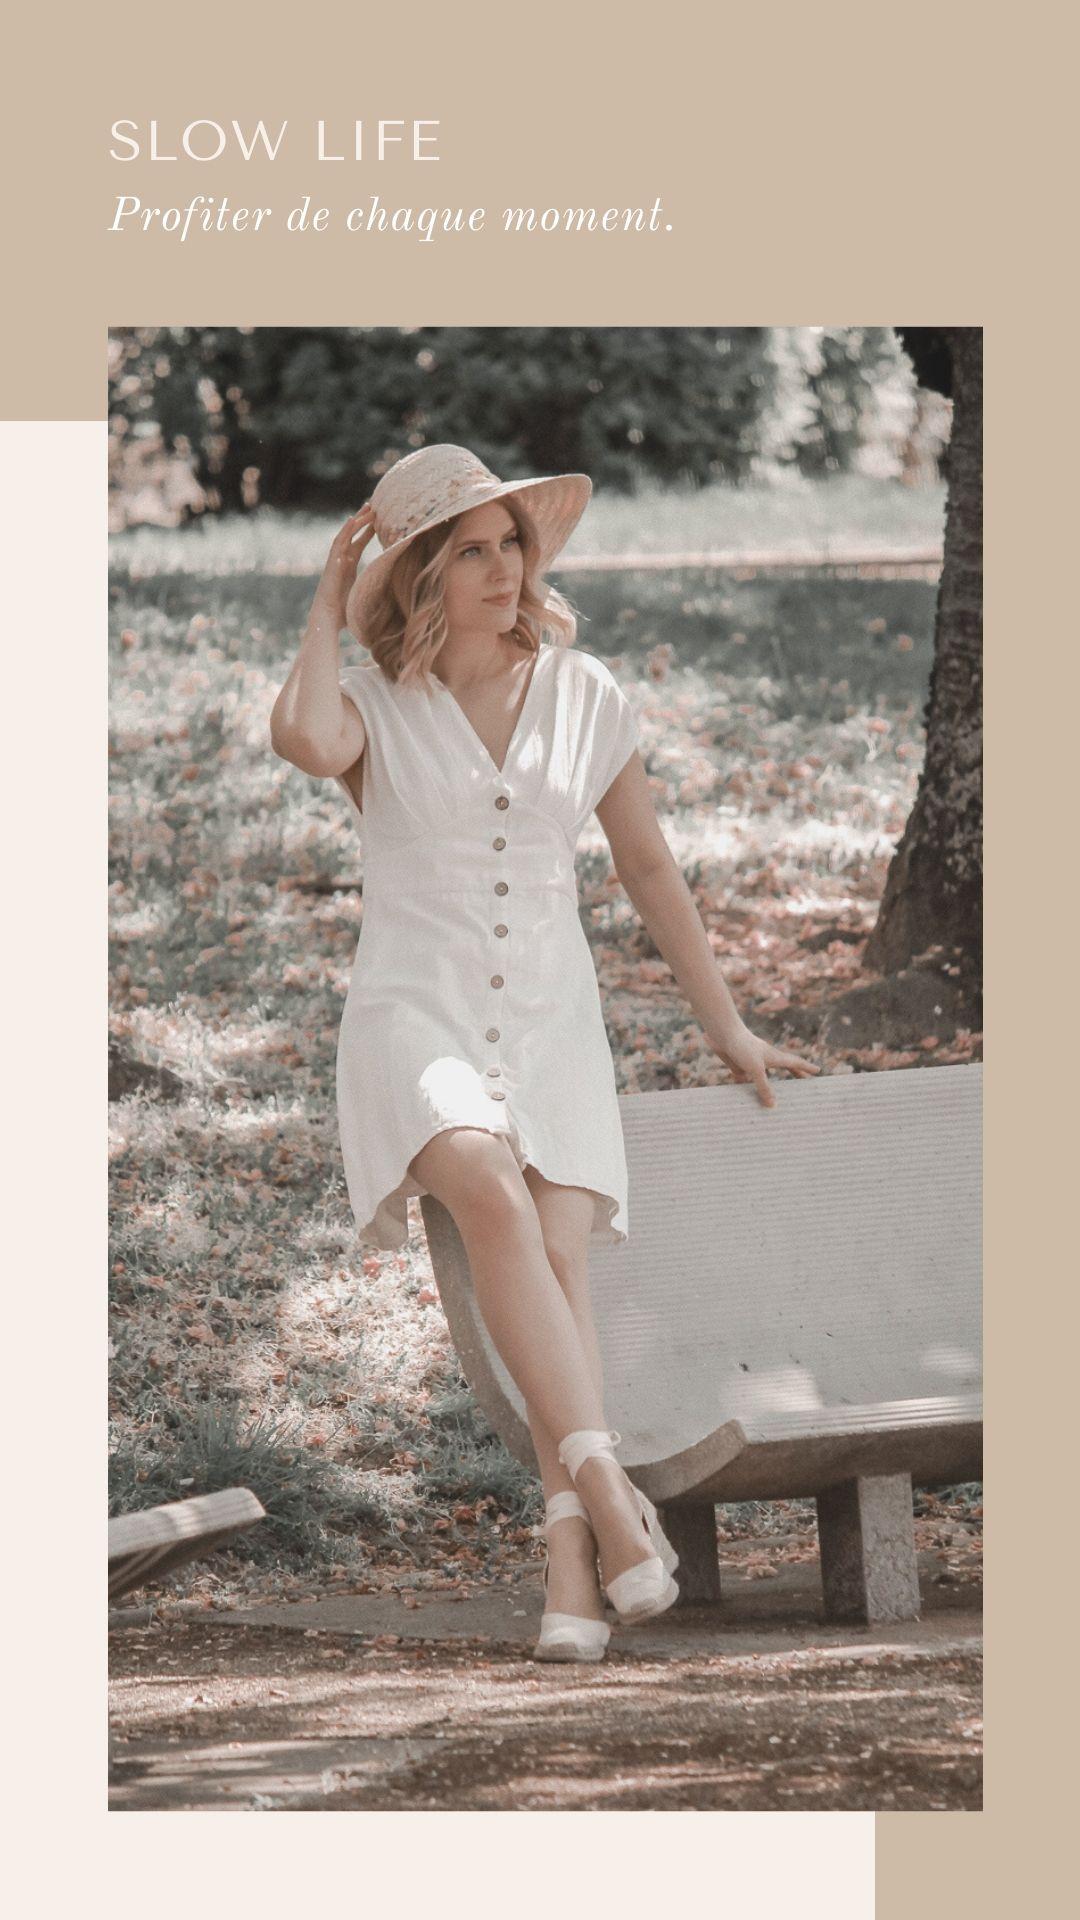 créer des stories instagram créatives avec Canva - mangue-poudree.fr - blog mode et lifestyle à reims paris influenceuse